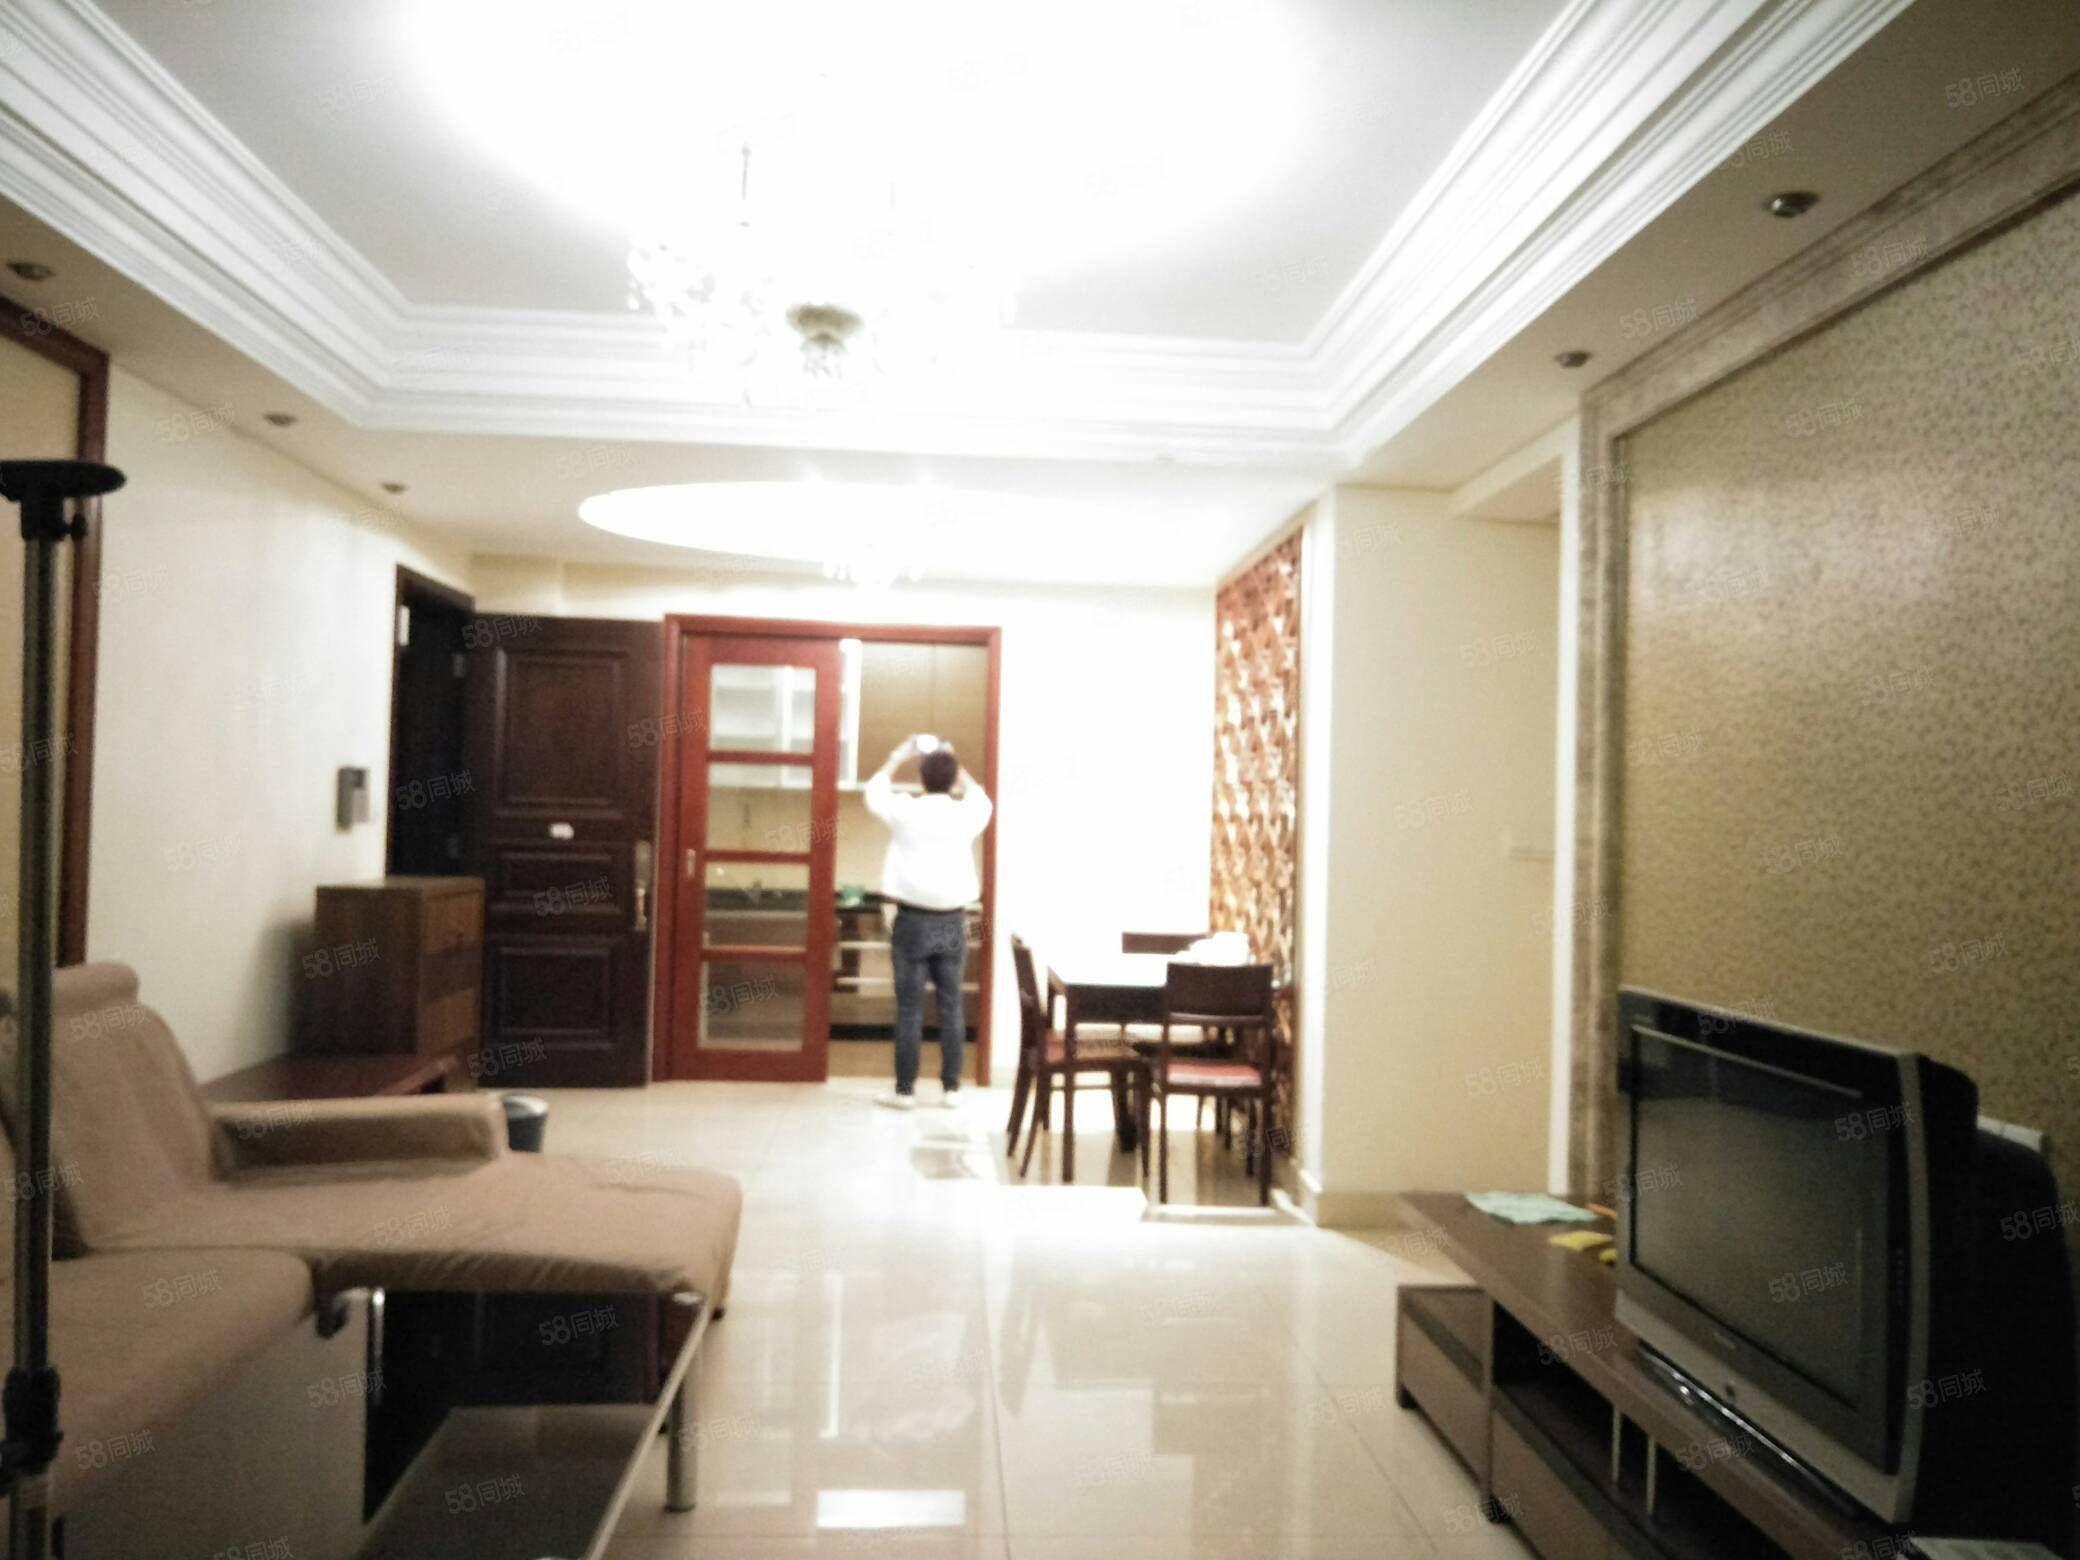 碧桂园,3房2厅2卫,有家私家电,价格合适